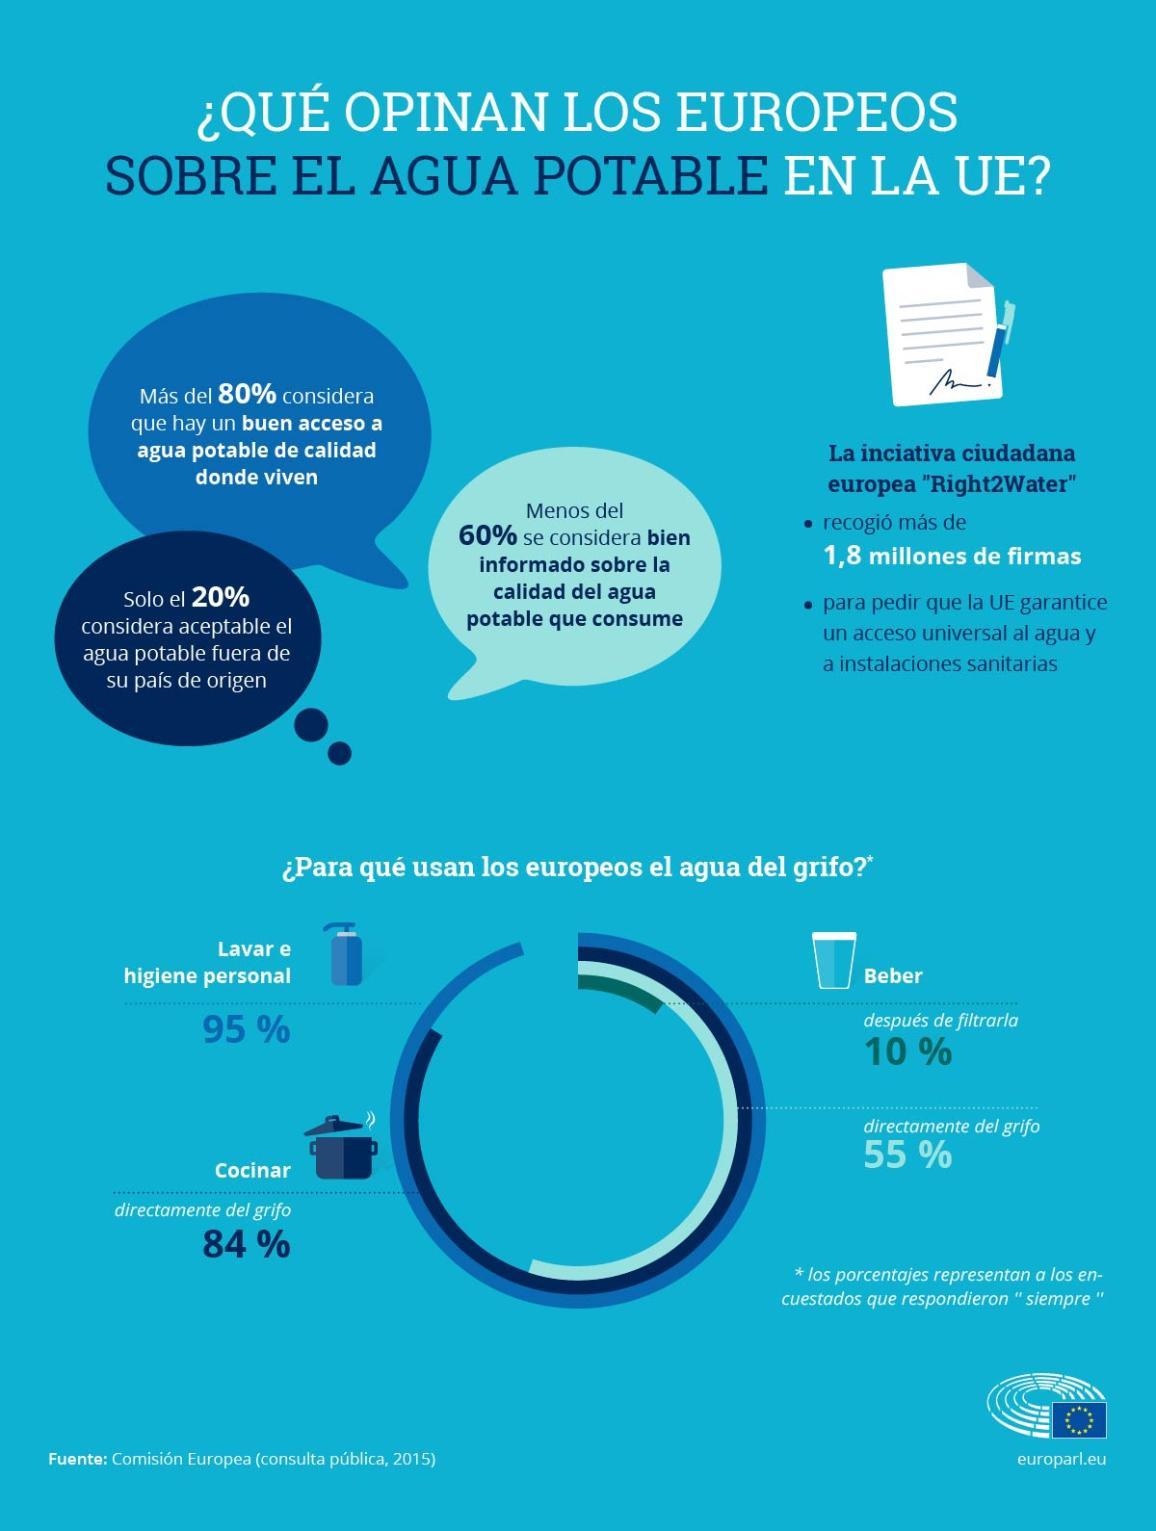 Infografía sobre la opinión de los europeos sobre el agua en la UE